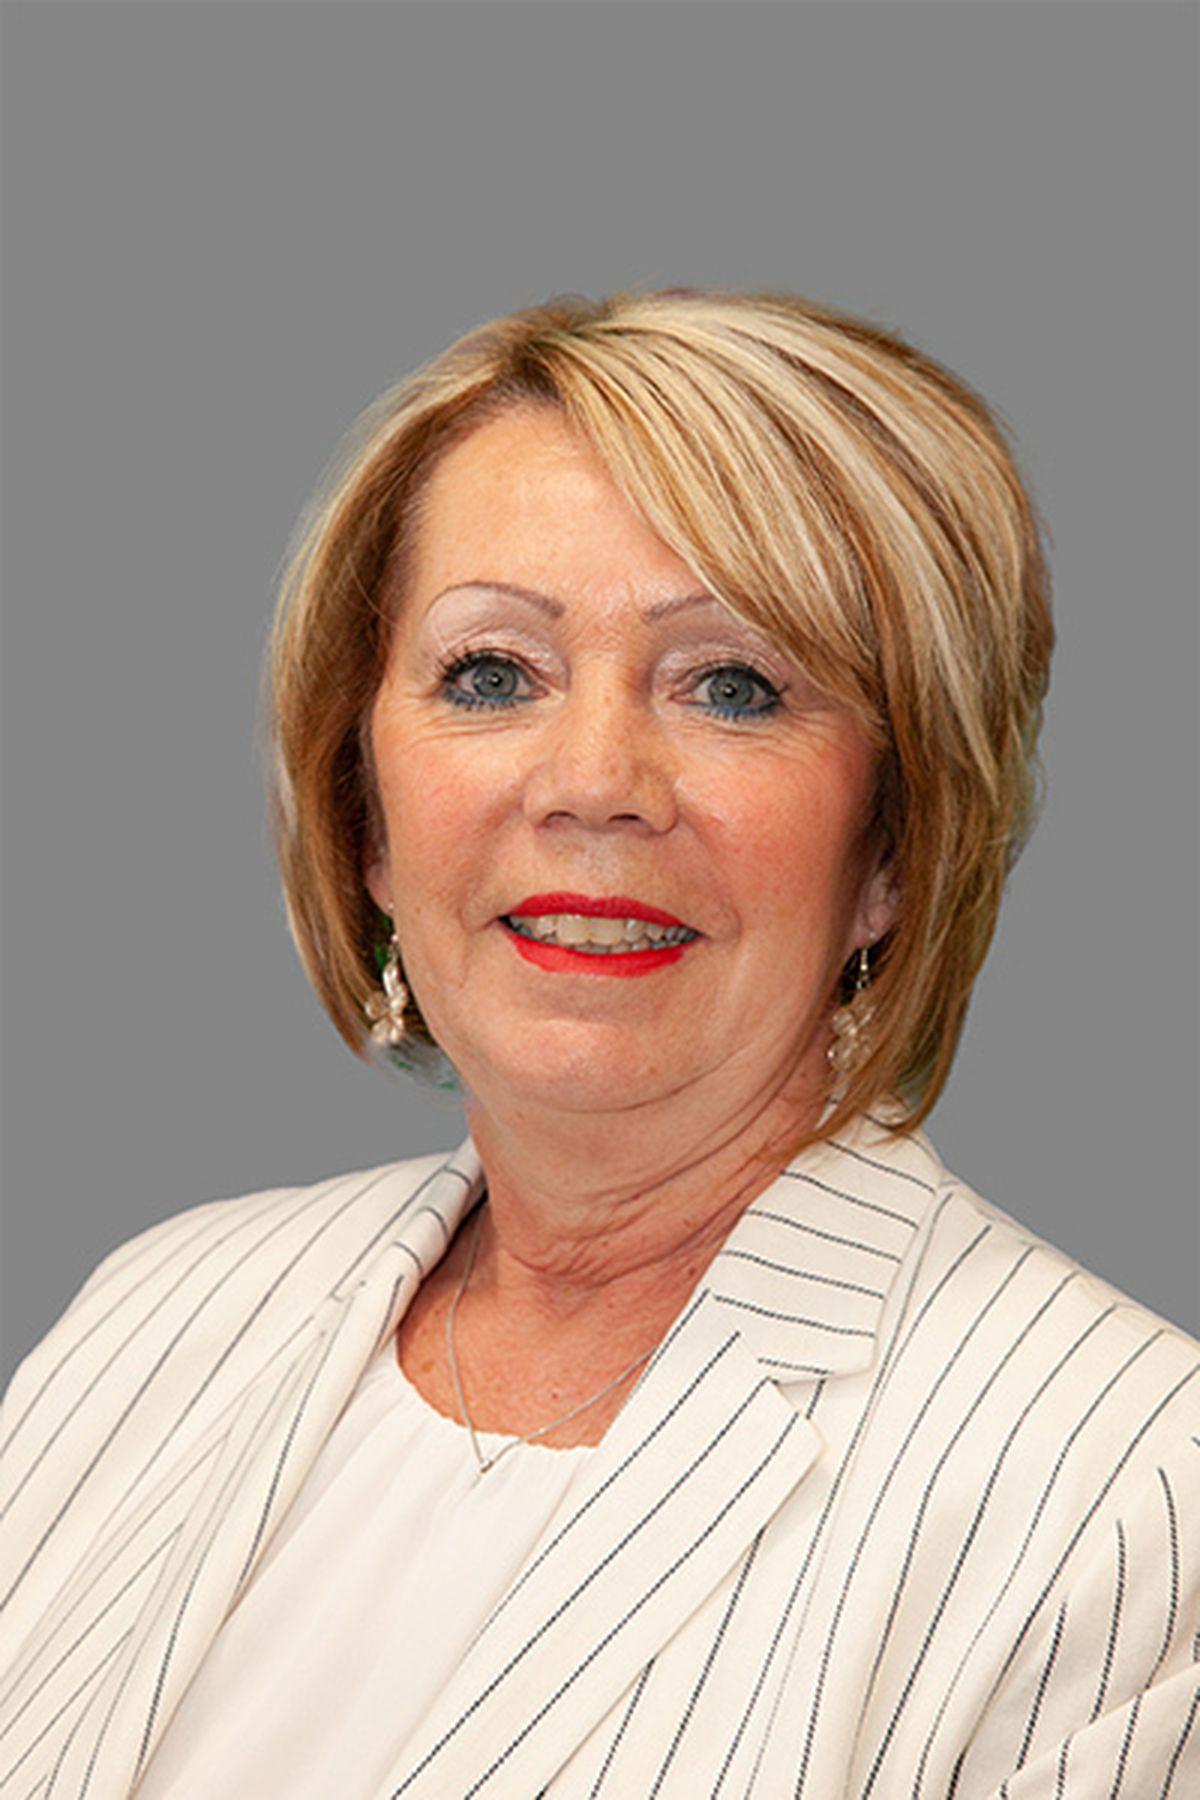 Councillor Elaine Costigan